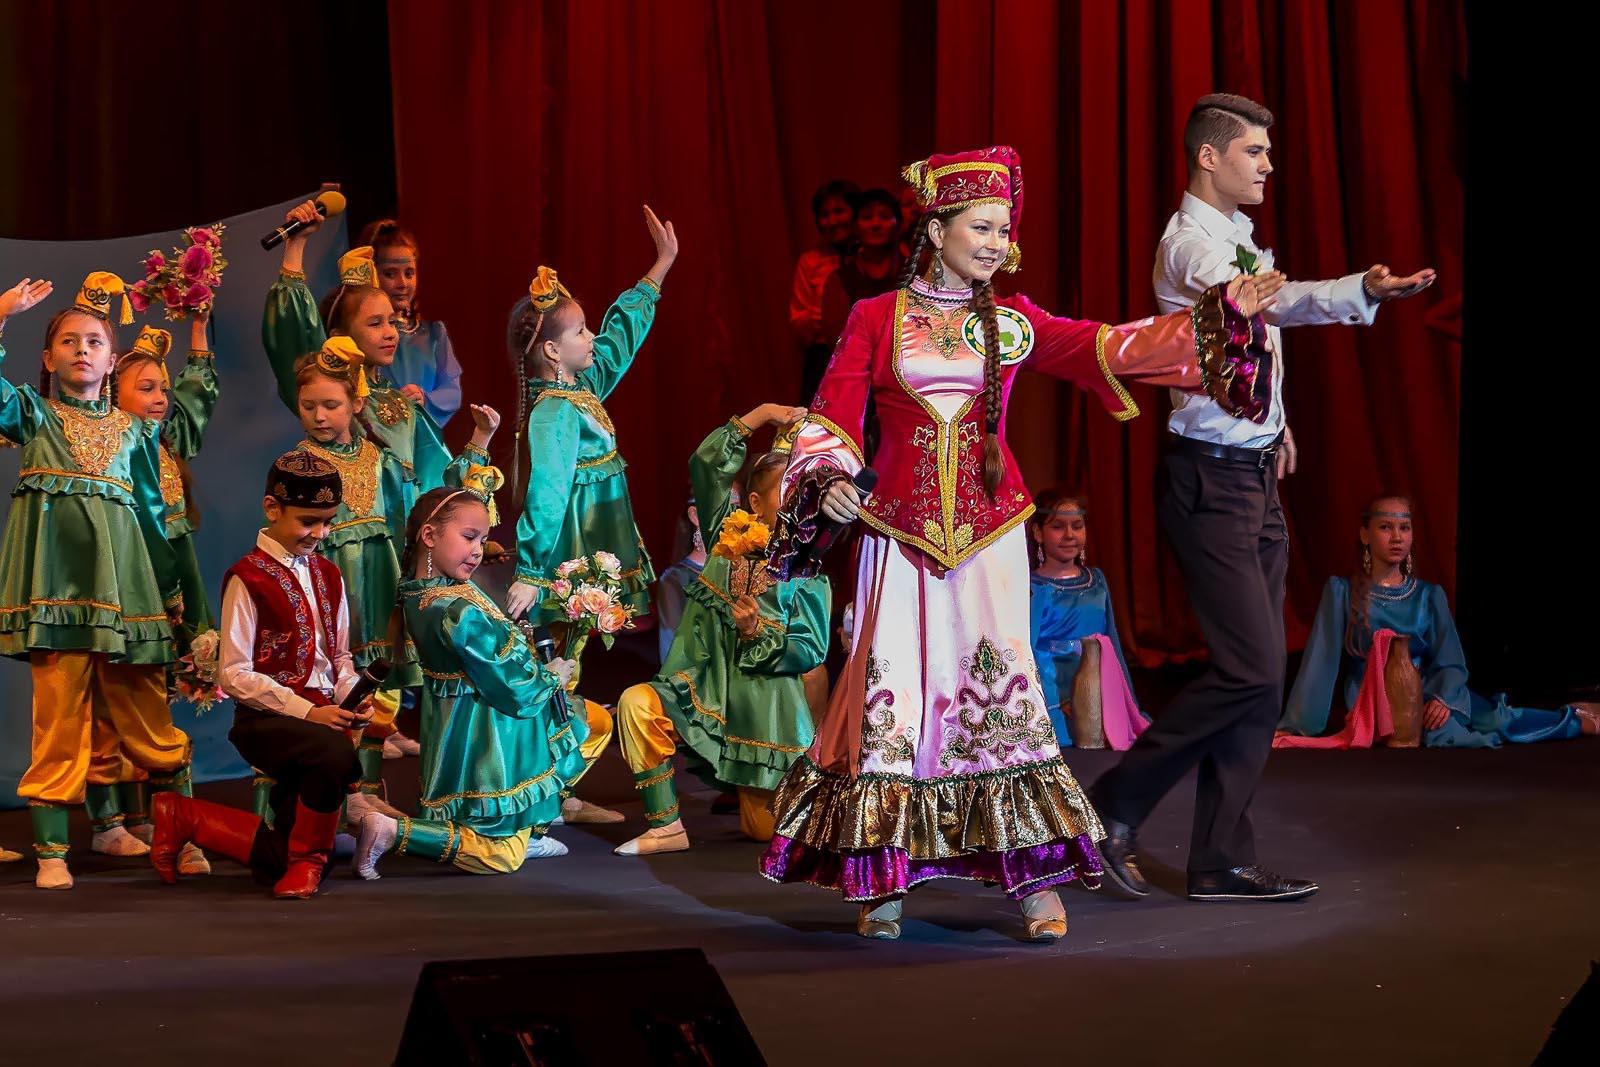 Татар кызы положение о конкурсе